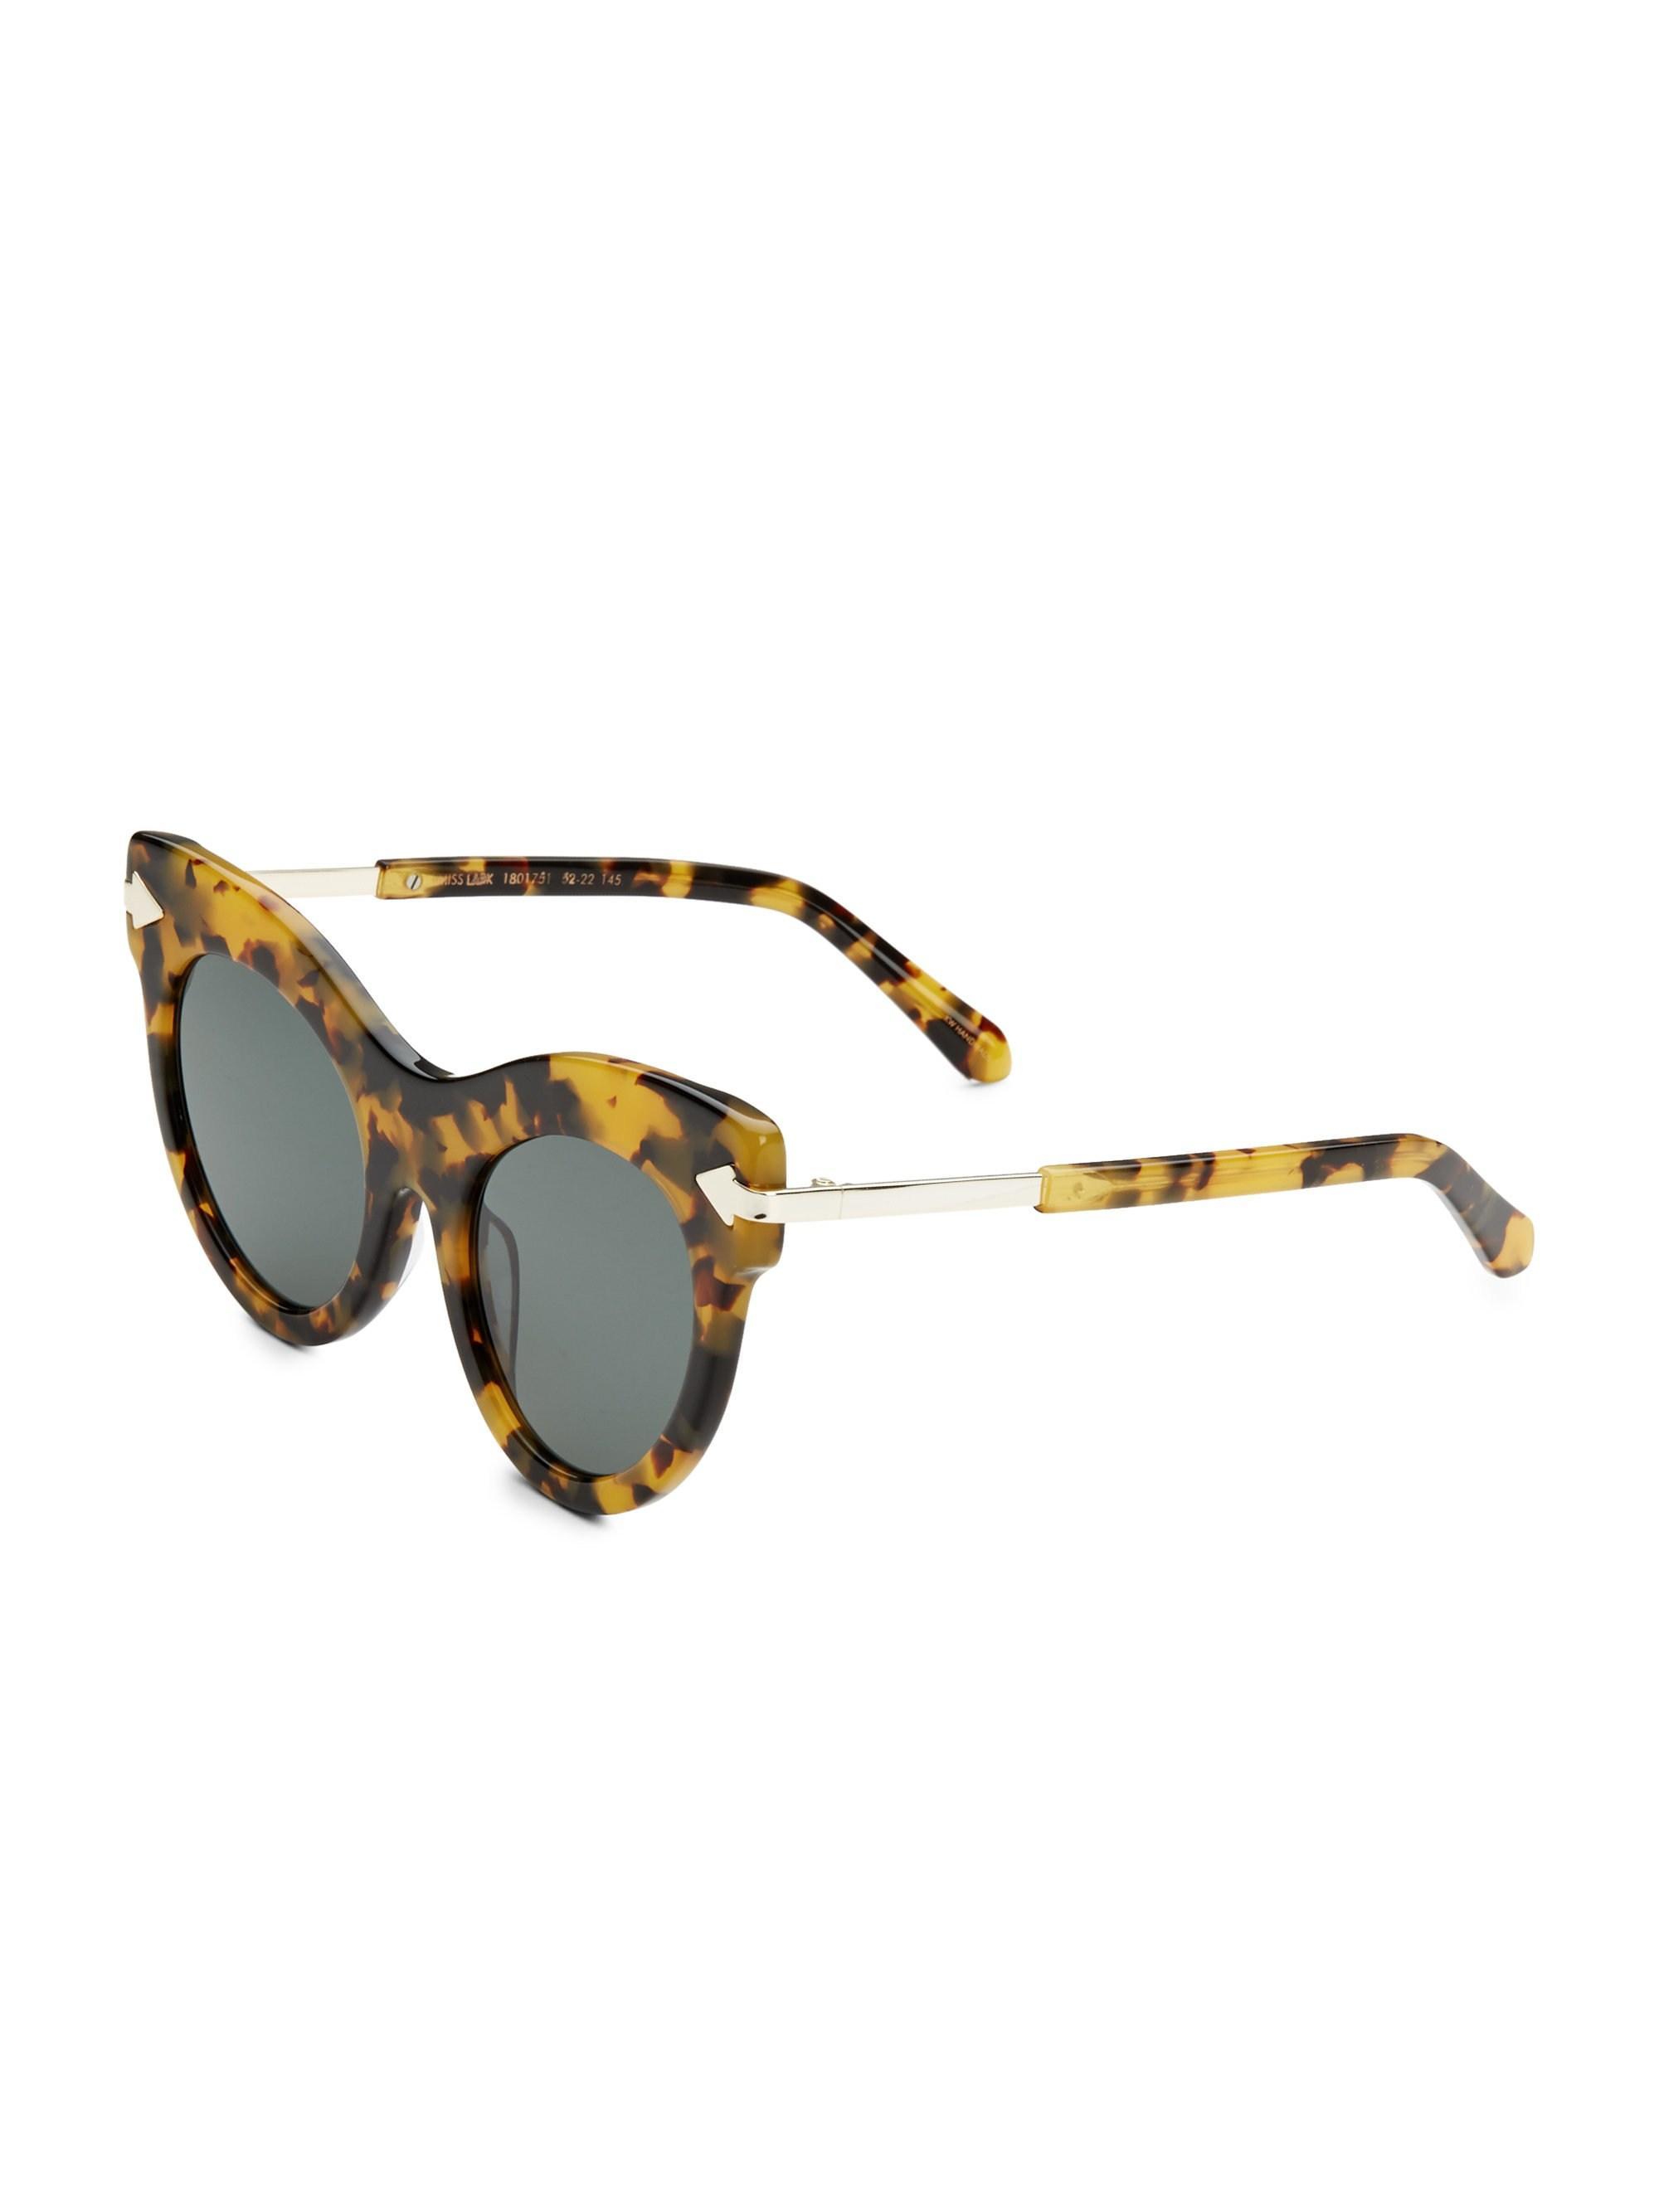 391df34c4e1 Lyst - Karen Walker Women s Miss Lark 52mm Cat Eye Sunglasses - Tortoise